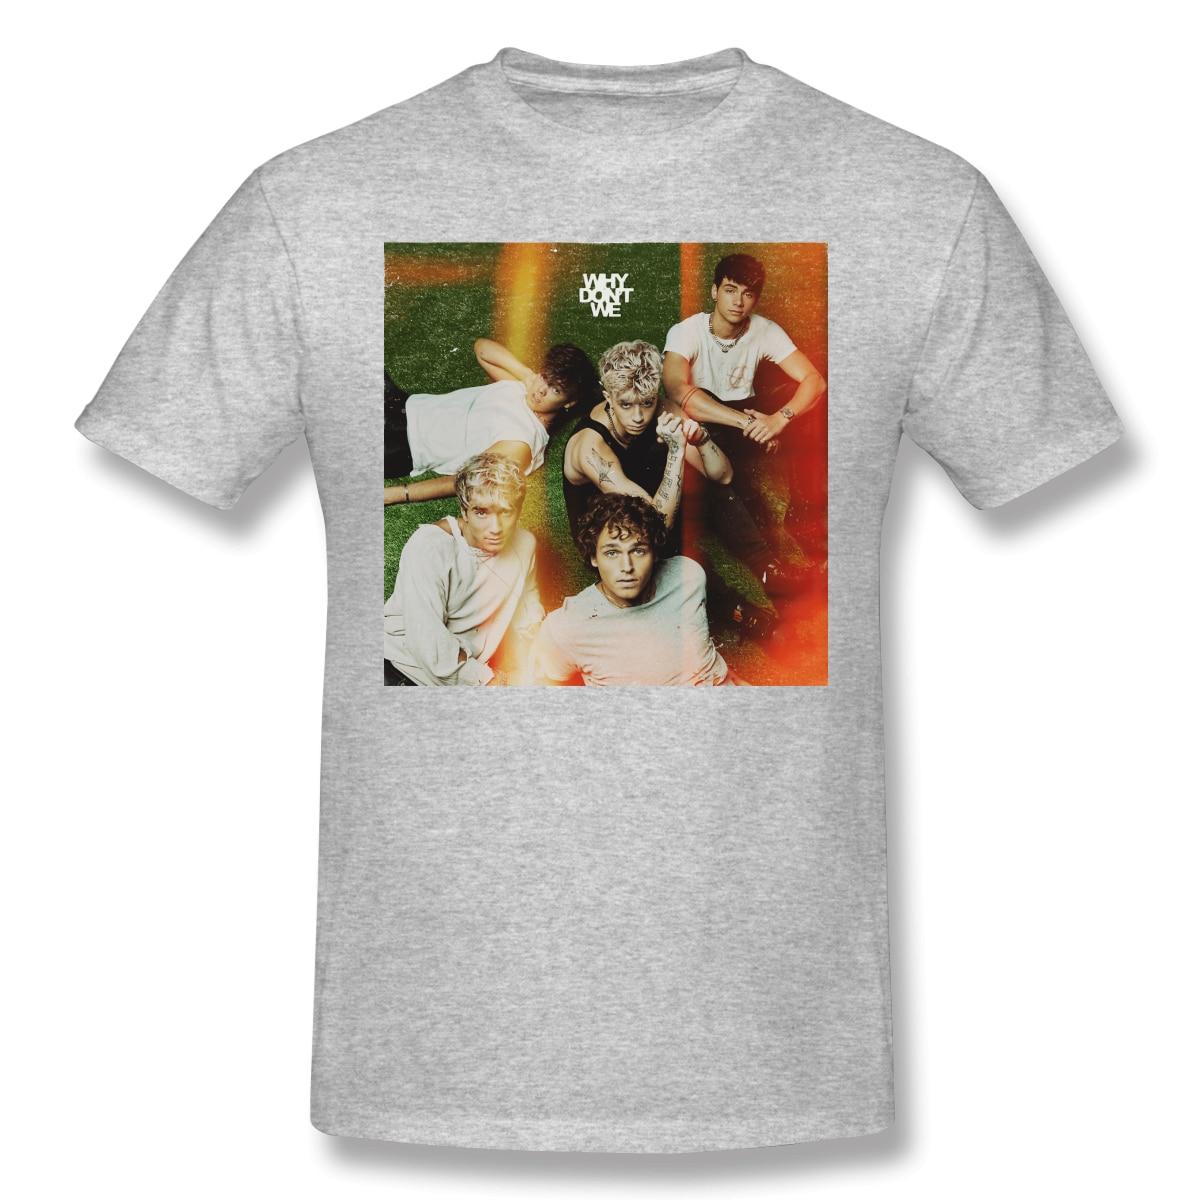 Por que nós makjuosz 1 não os bons tempos e os maus básico manga curta camiseta masculina engraçado r281 tshirt eua tamanho